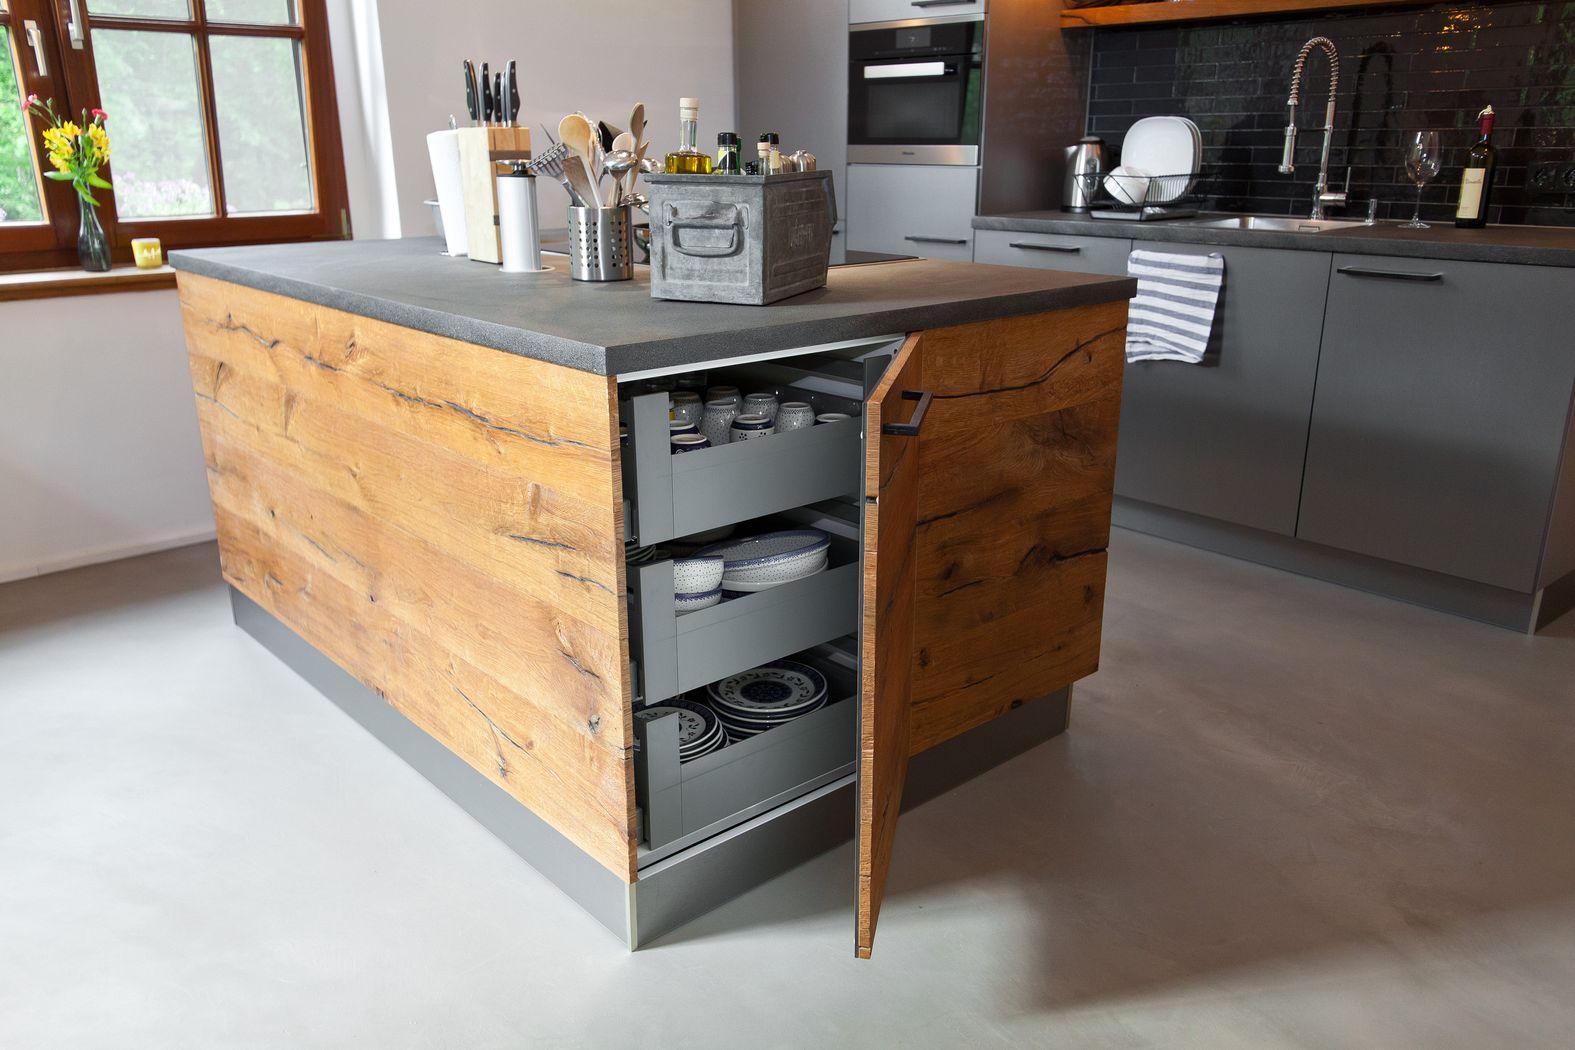 holzküchen nach maß - kostenlose planung bietet ihnen möbel, Kuchen